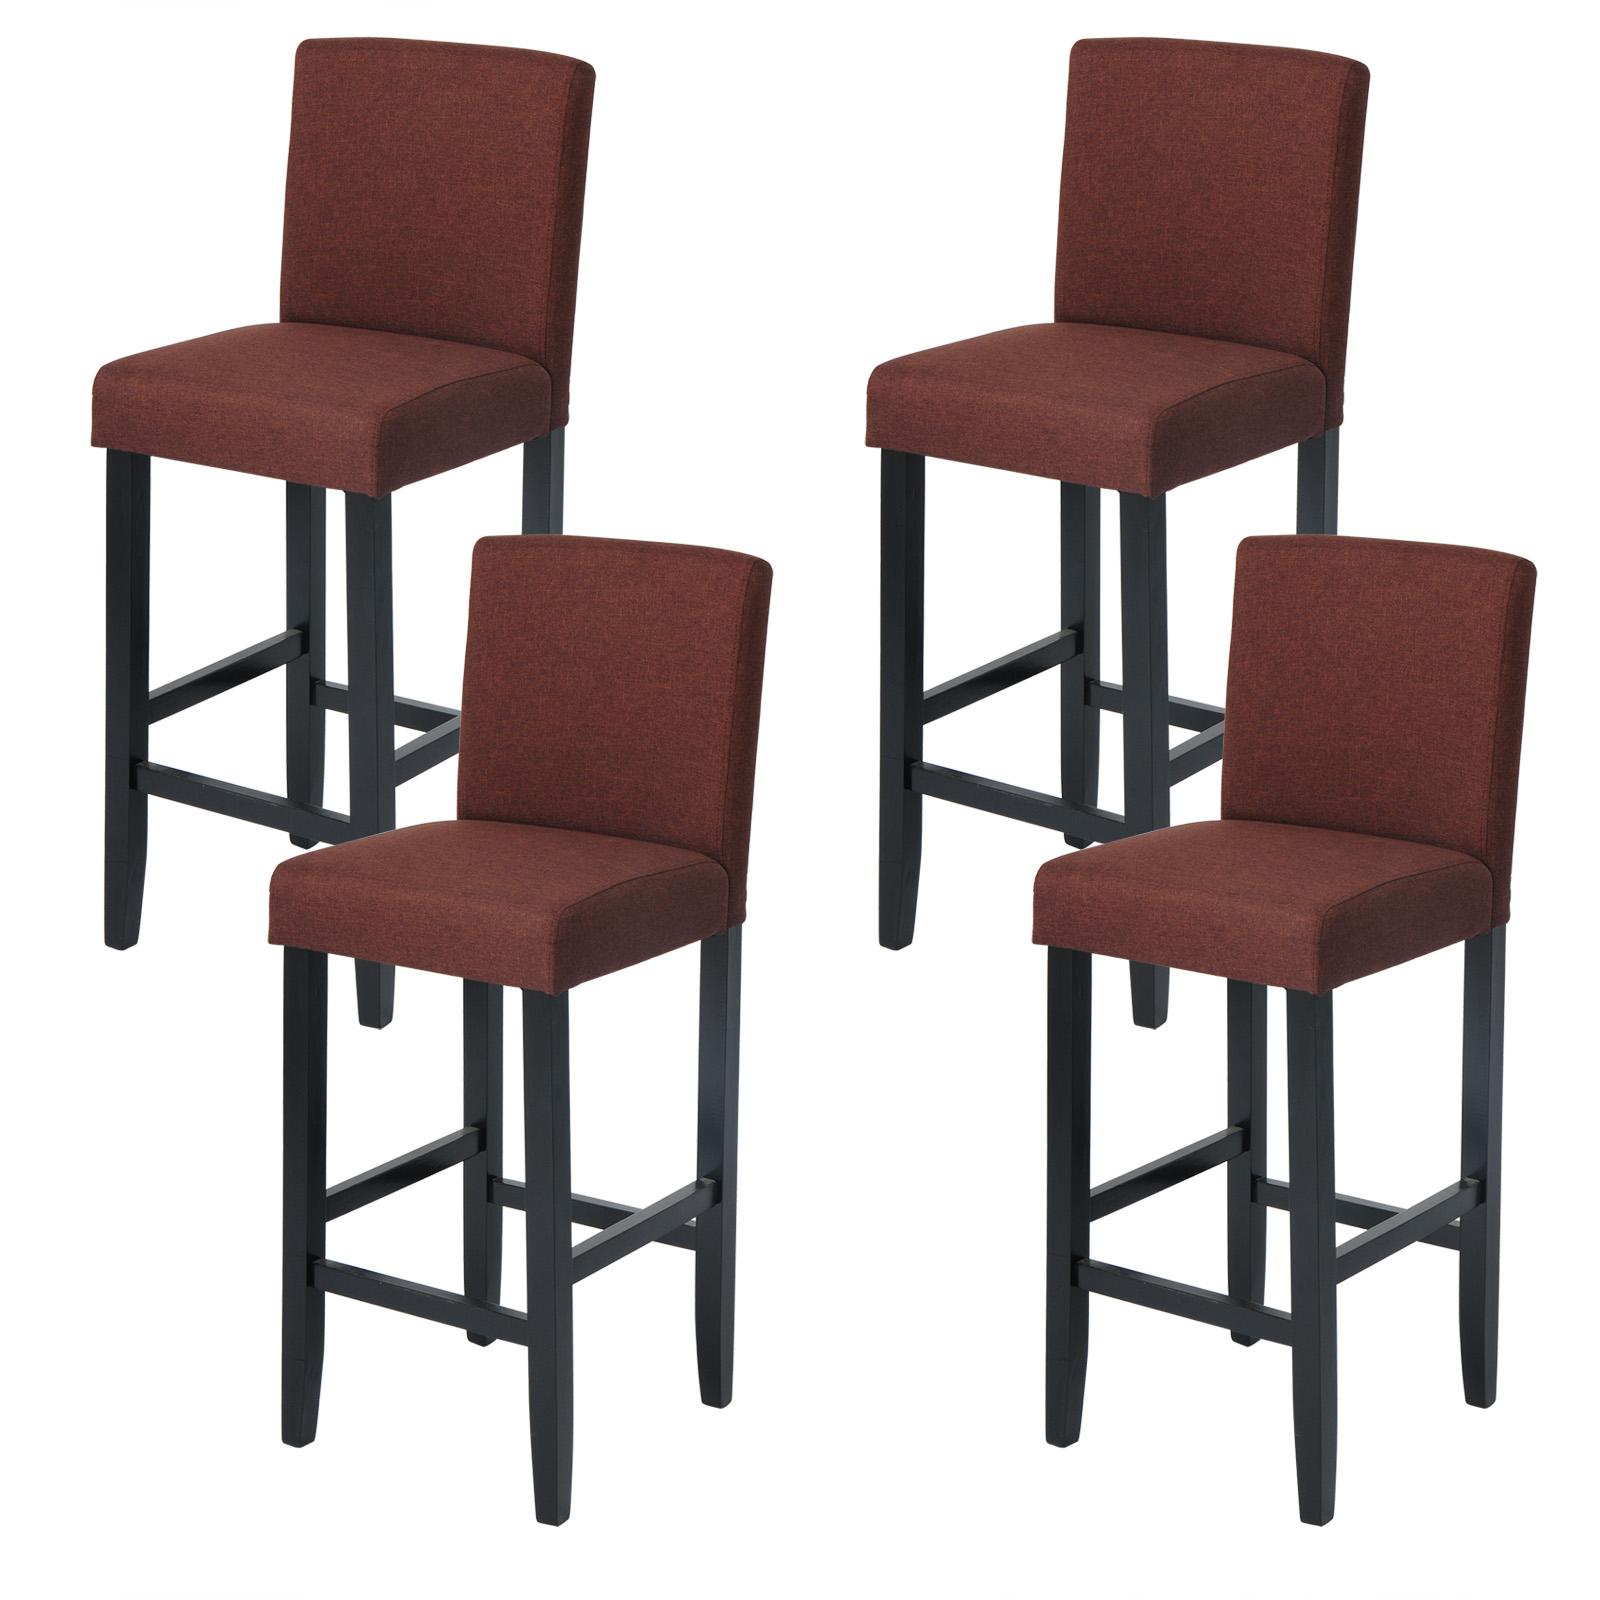 barhocker 4er set bistrohocker k chenhocker stoff bezug. Black Bedroom Furniture Sets. Home Design Ideas